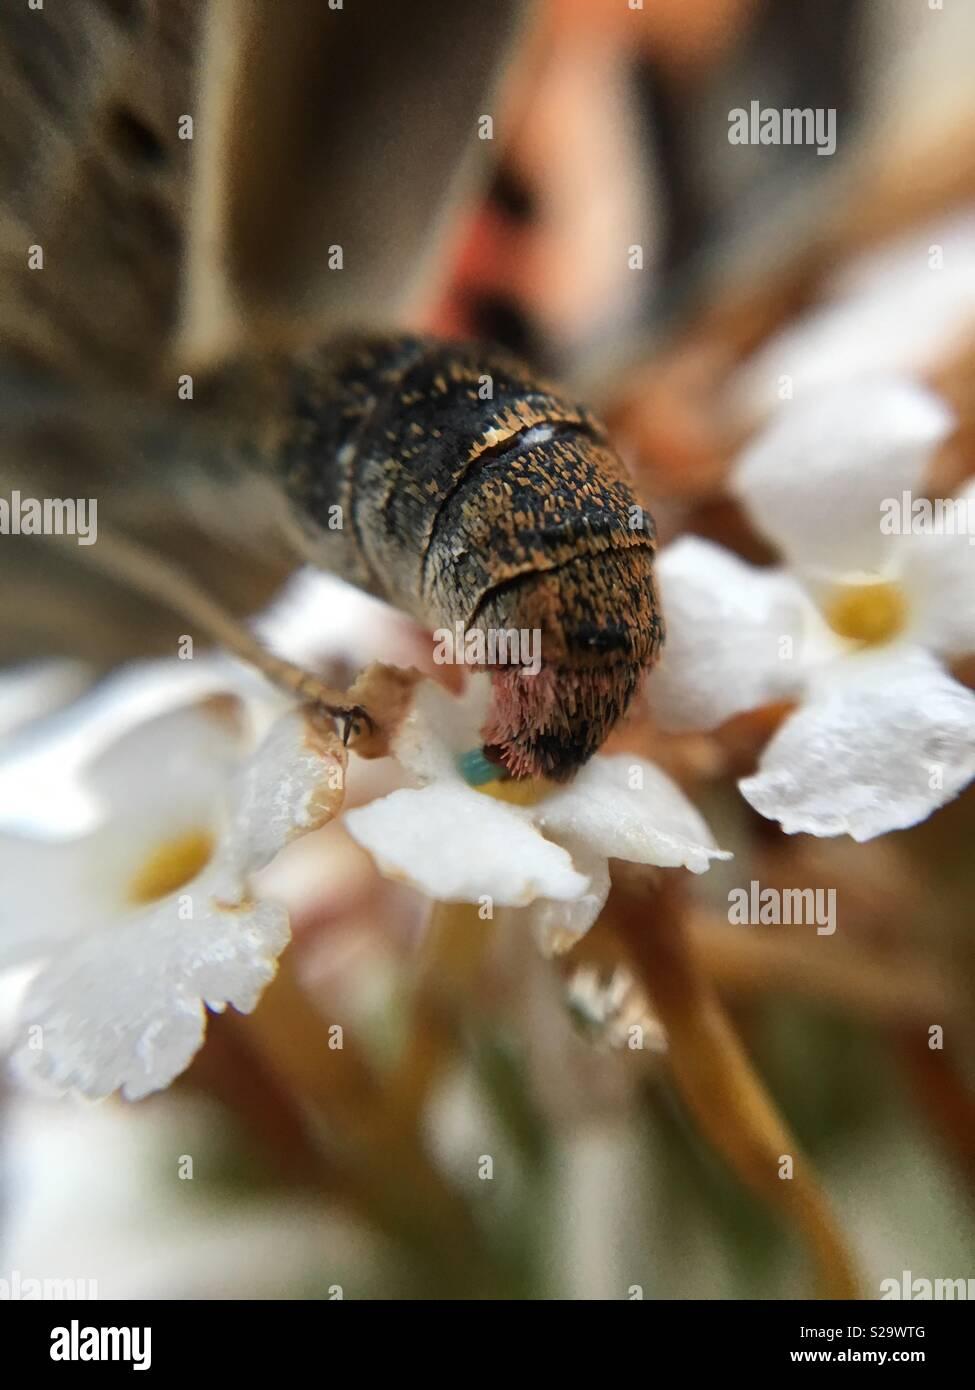 Lady butterfly Festlegung ei bemalt Stockbild